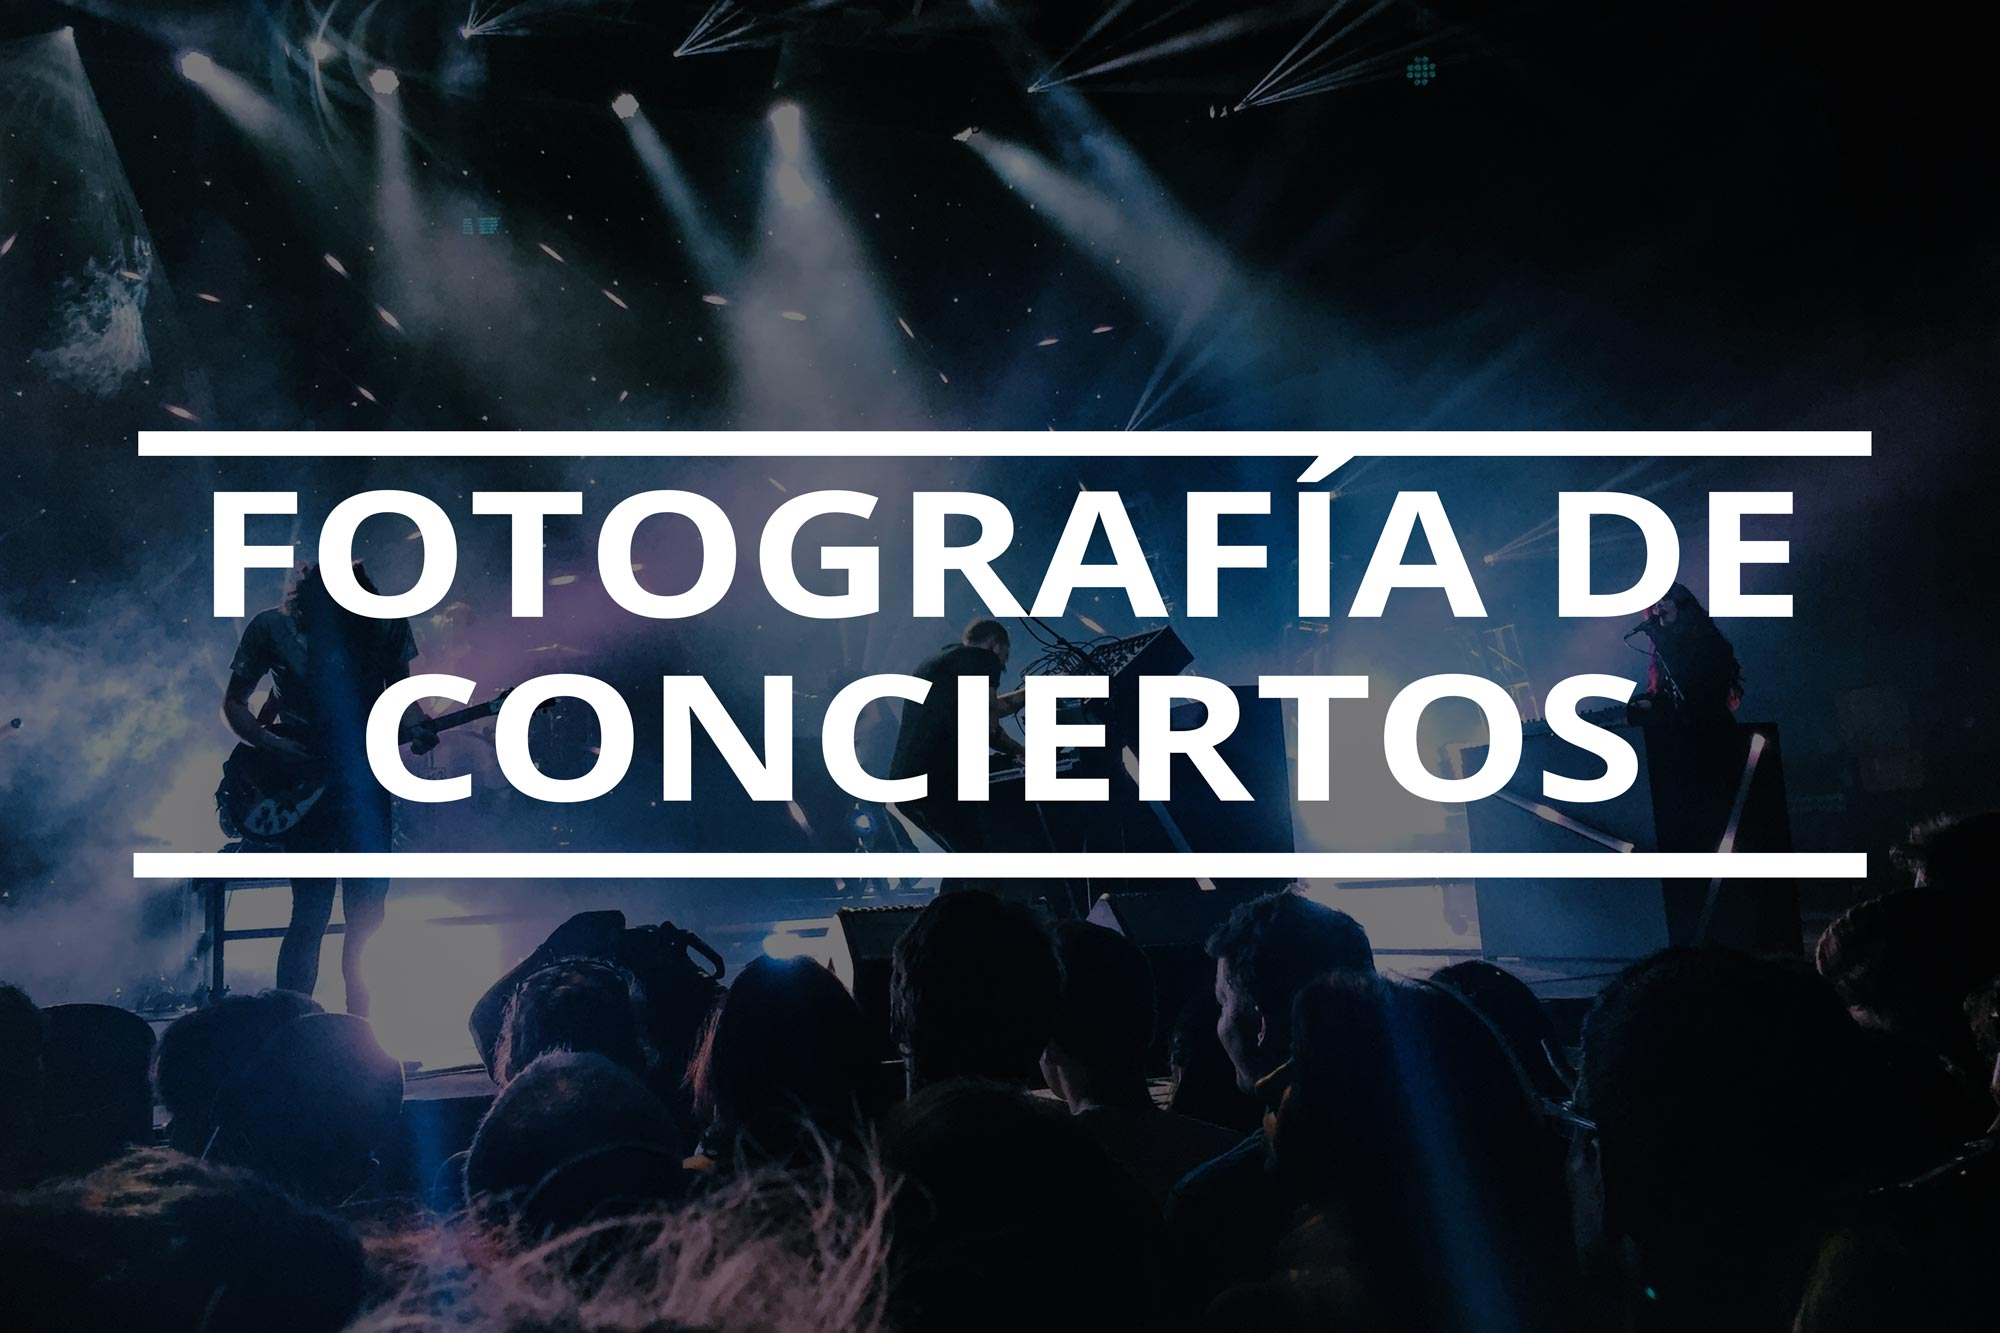 Como empezar en la fotografia de conciertos